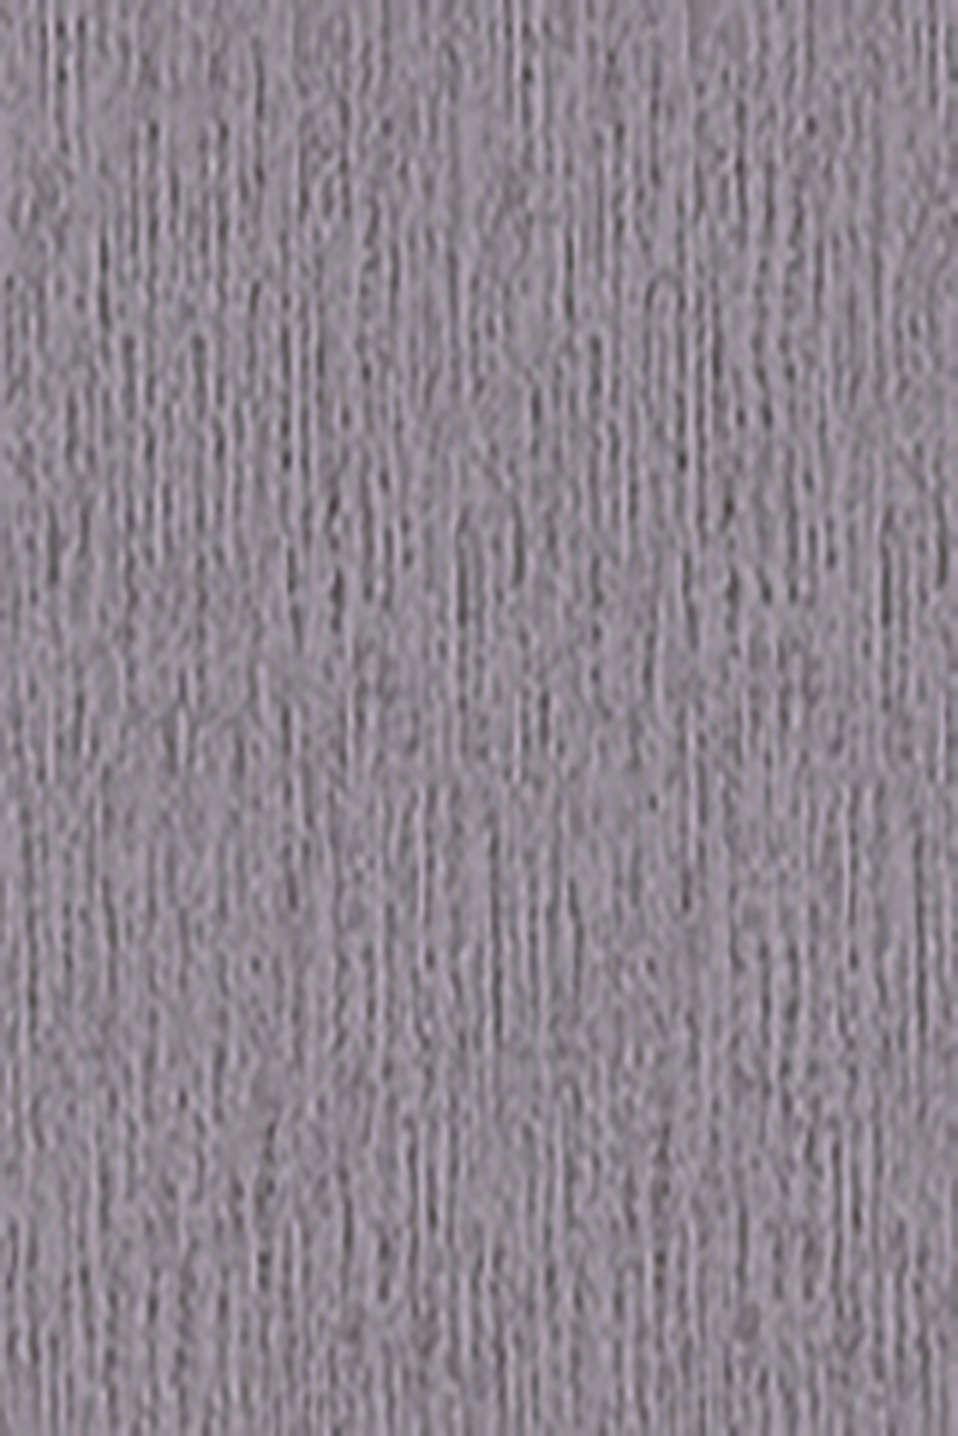 Vlies wallpaper + plain bark texture, one colour, detail image number 1